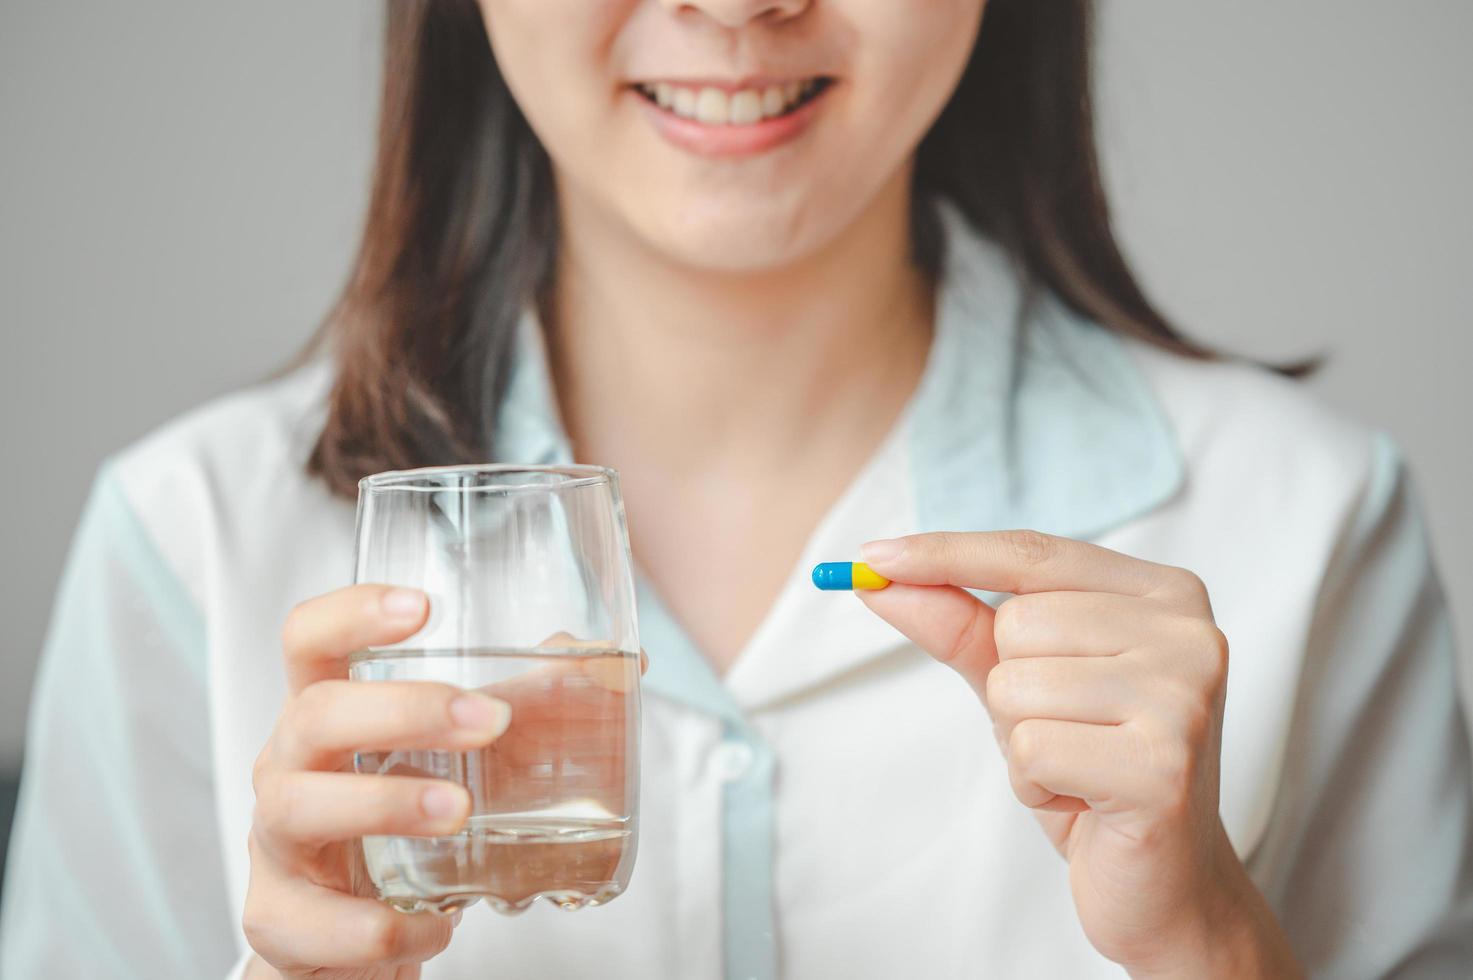 mujer sosteniendo la pastilla foto